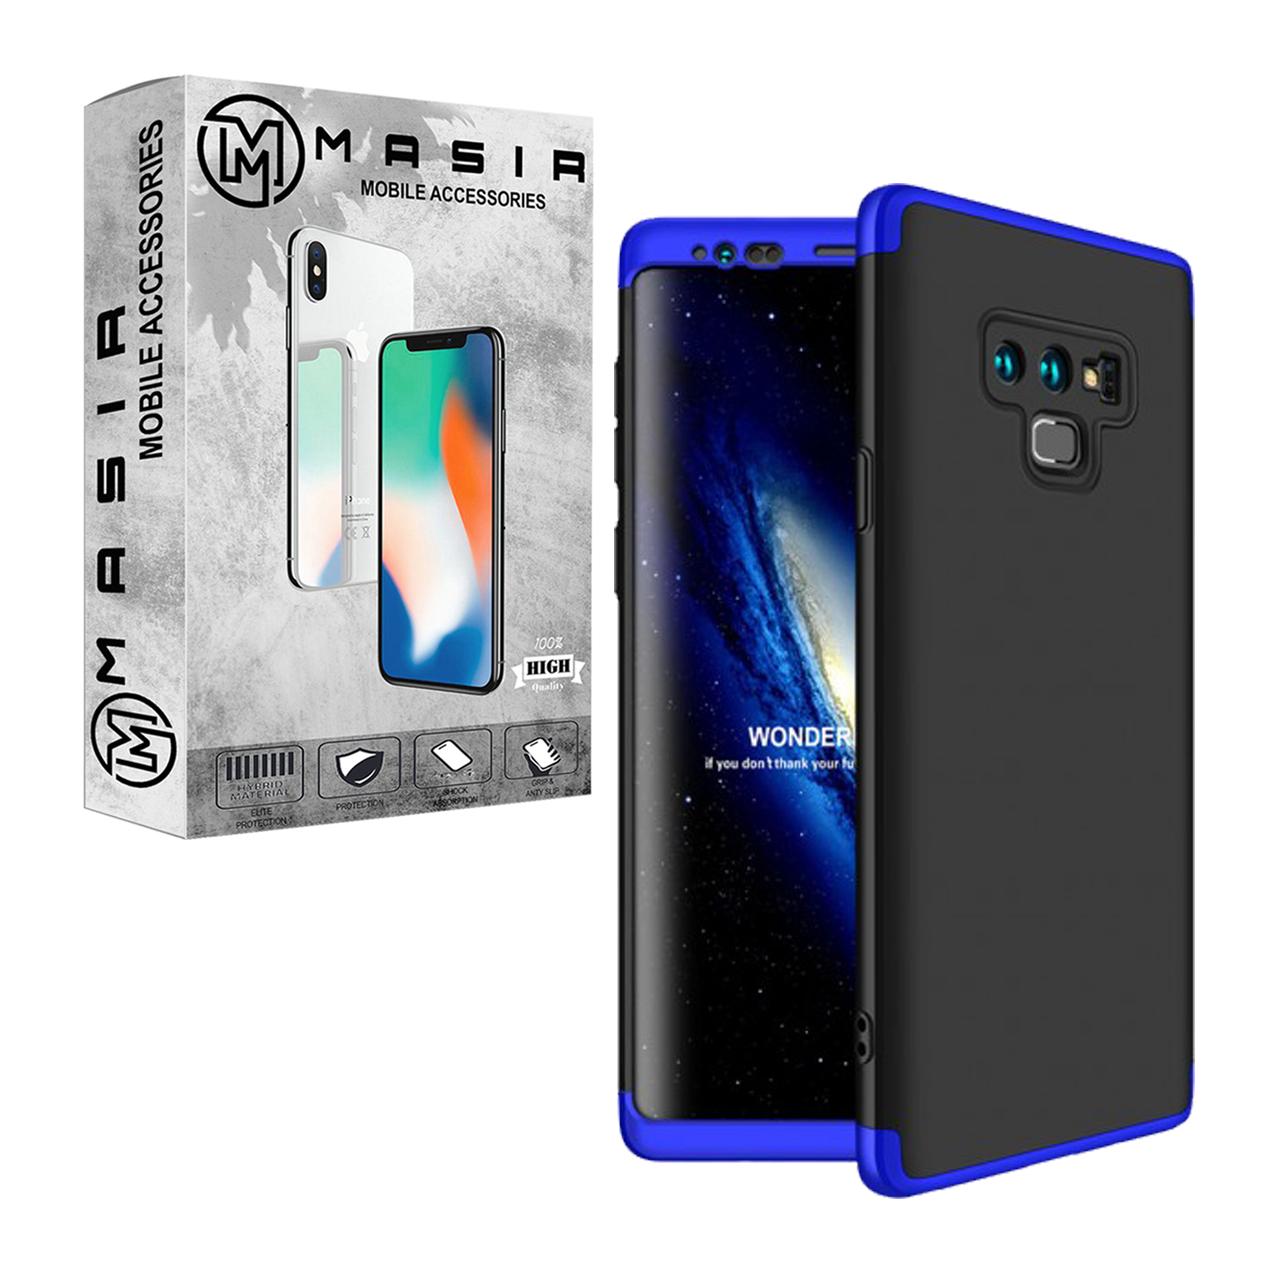 کاور 360 درجه مسیر مدل MGKNEW-1 مناسب برای گوشی موبایل سامسونگ Galaxy Note 8              ( قیمت و خرید)